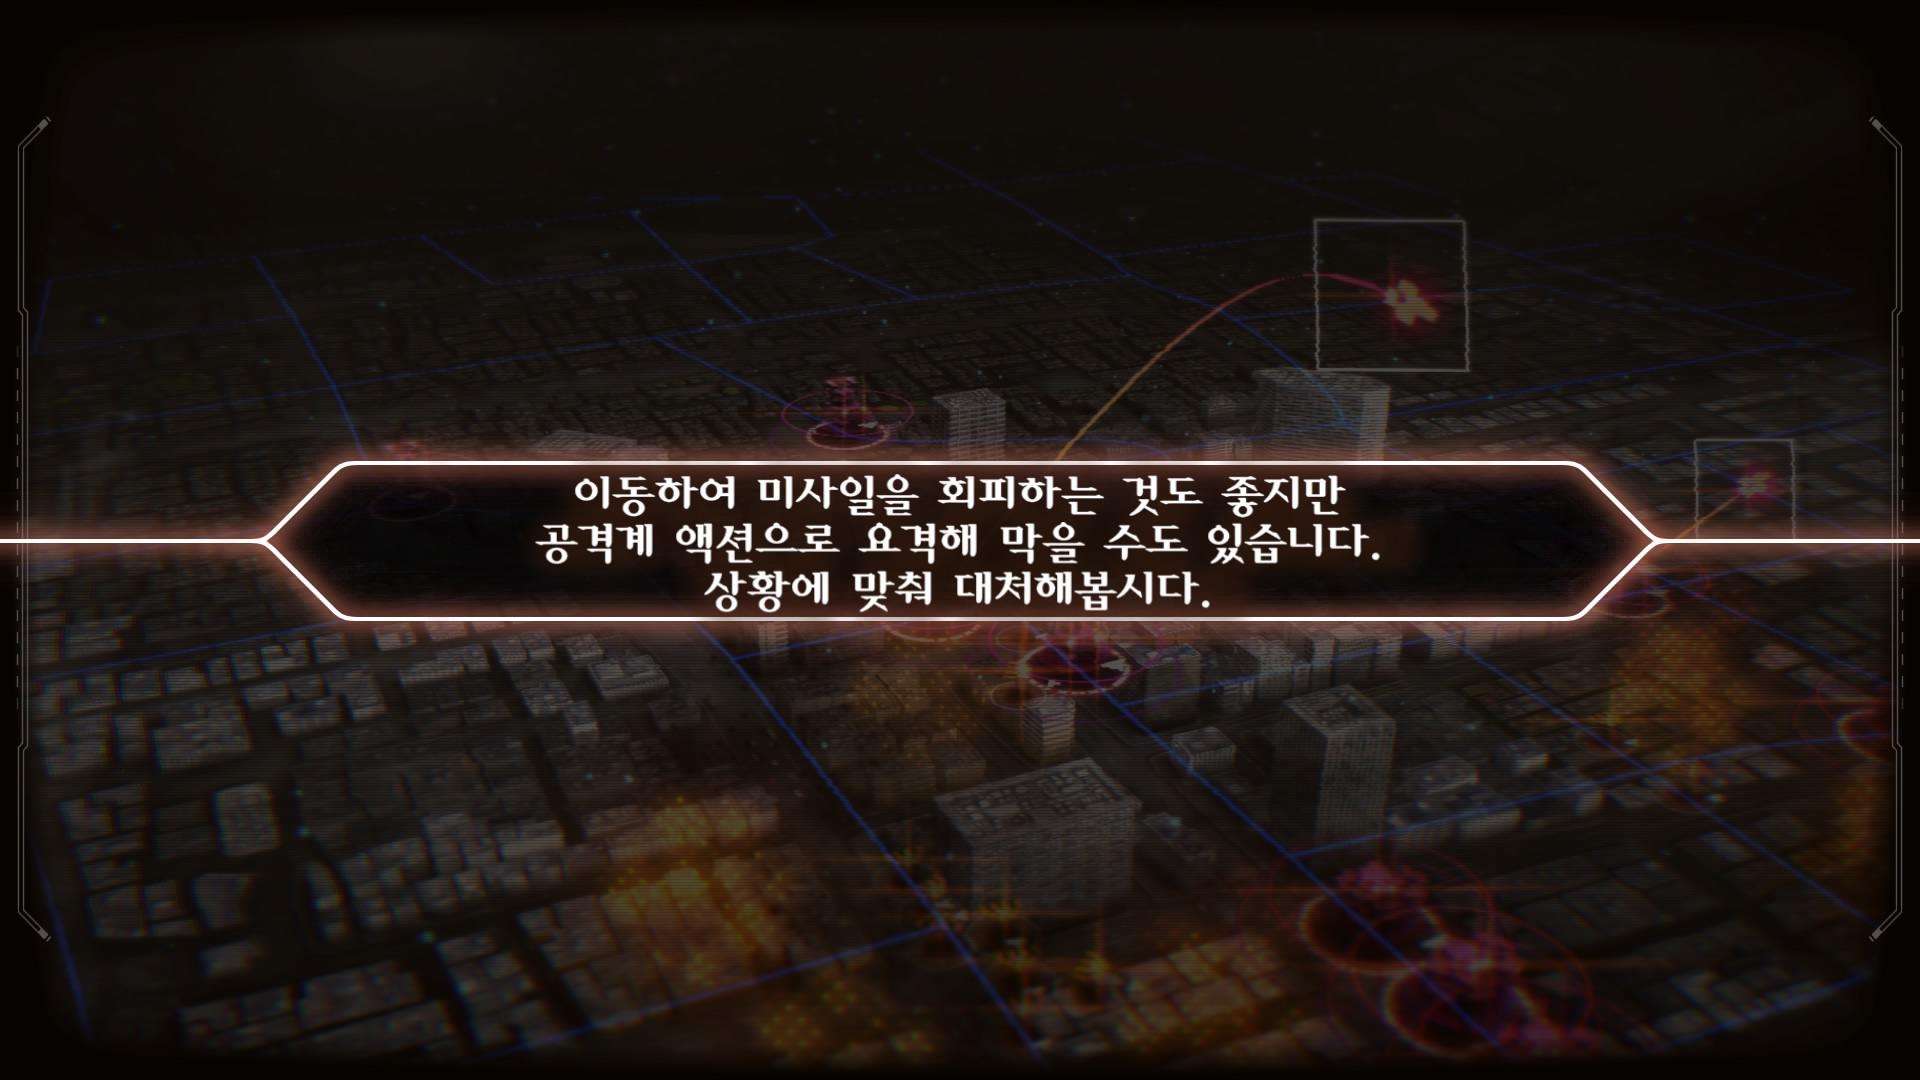 13기병방위권 체험판_20200321040113.jpg